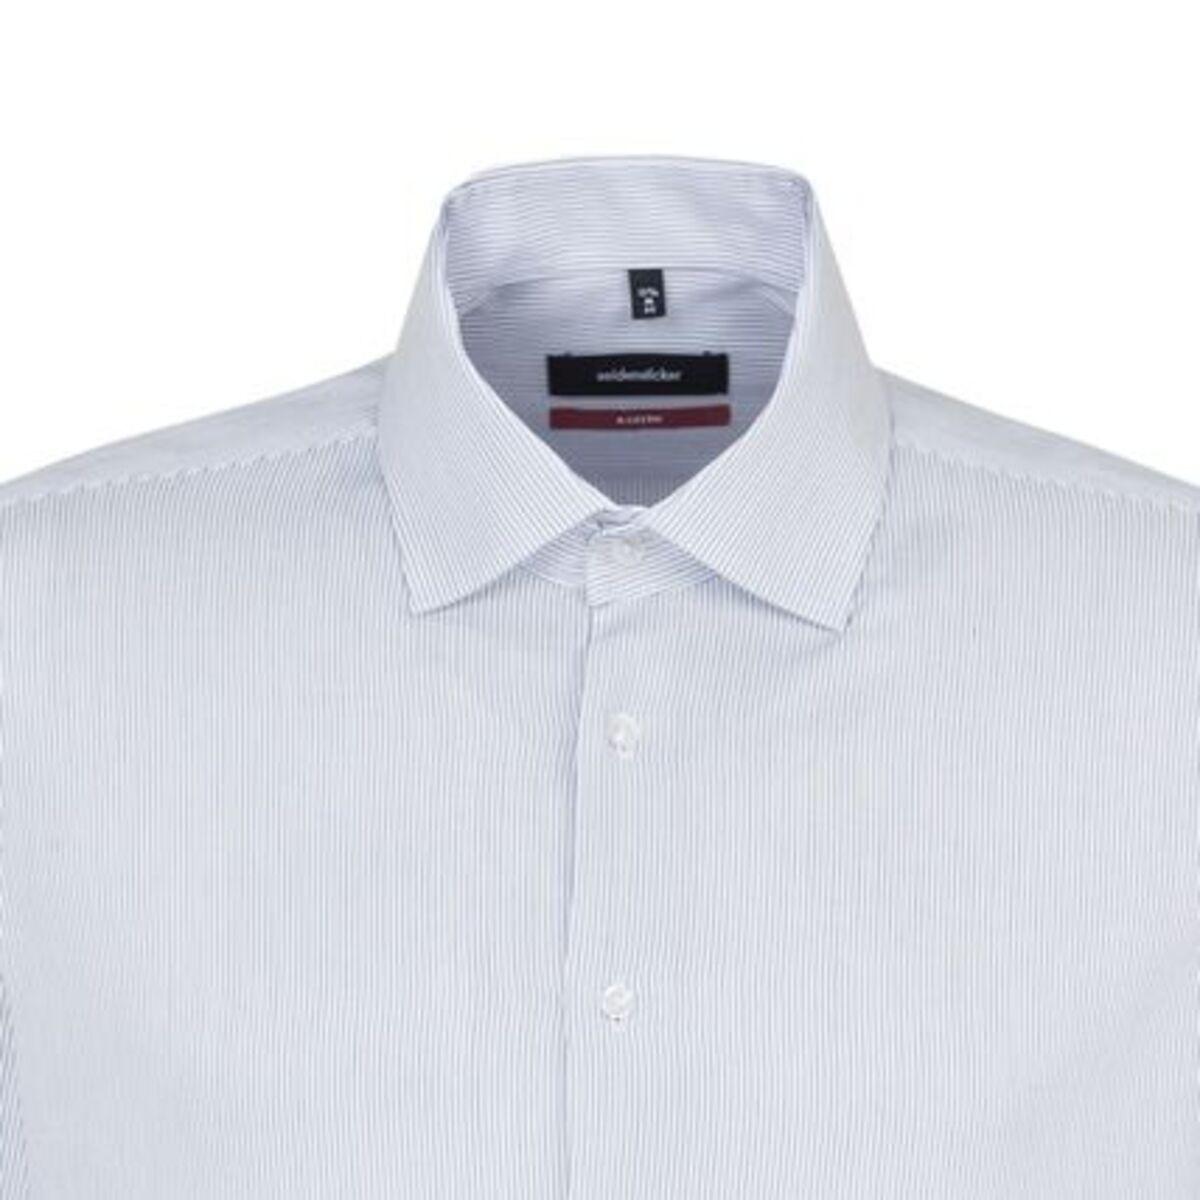 Bild 2 von Seidensticker Business Hemd Modern Langarm Kentkragen Streifen, blau, 38, 38